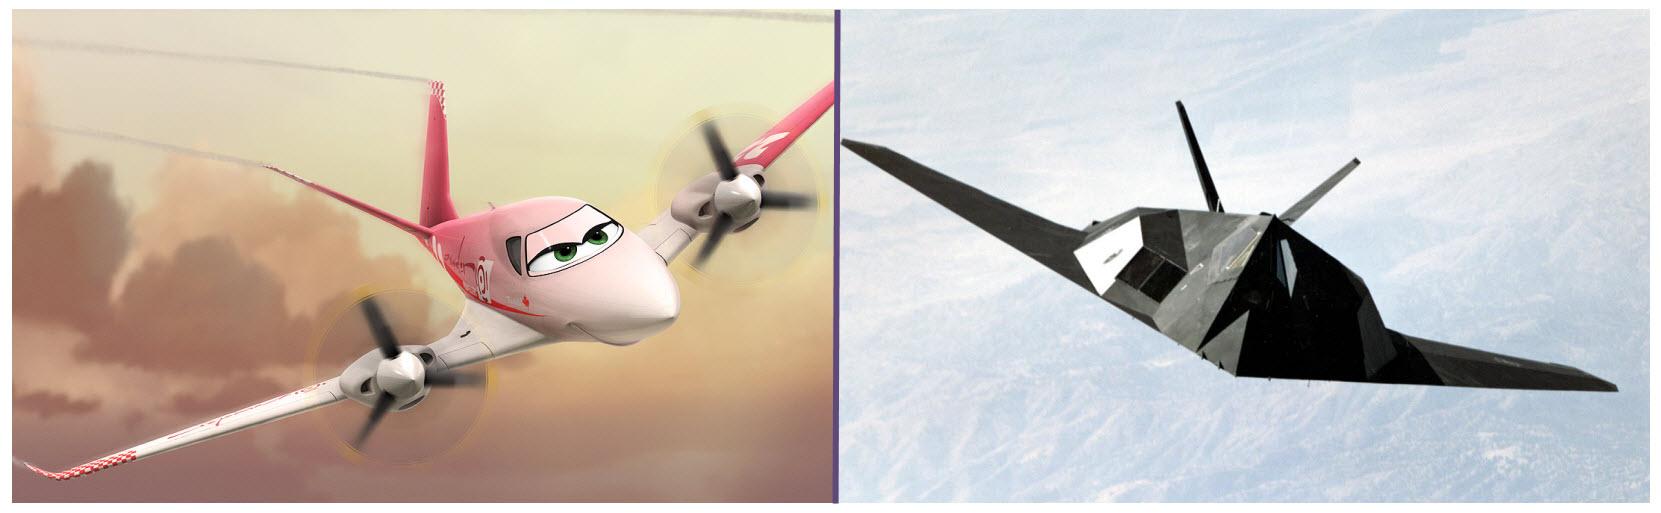 La foto del furtivo F-117 permite observar la similitud de su cola en V con respecto a la simpática Rochelle (Fuente: Disney)